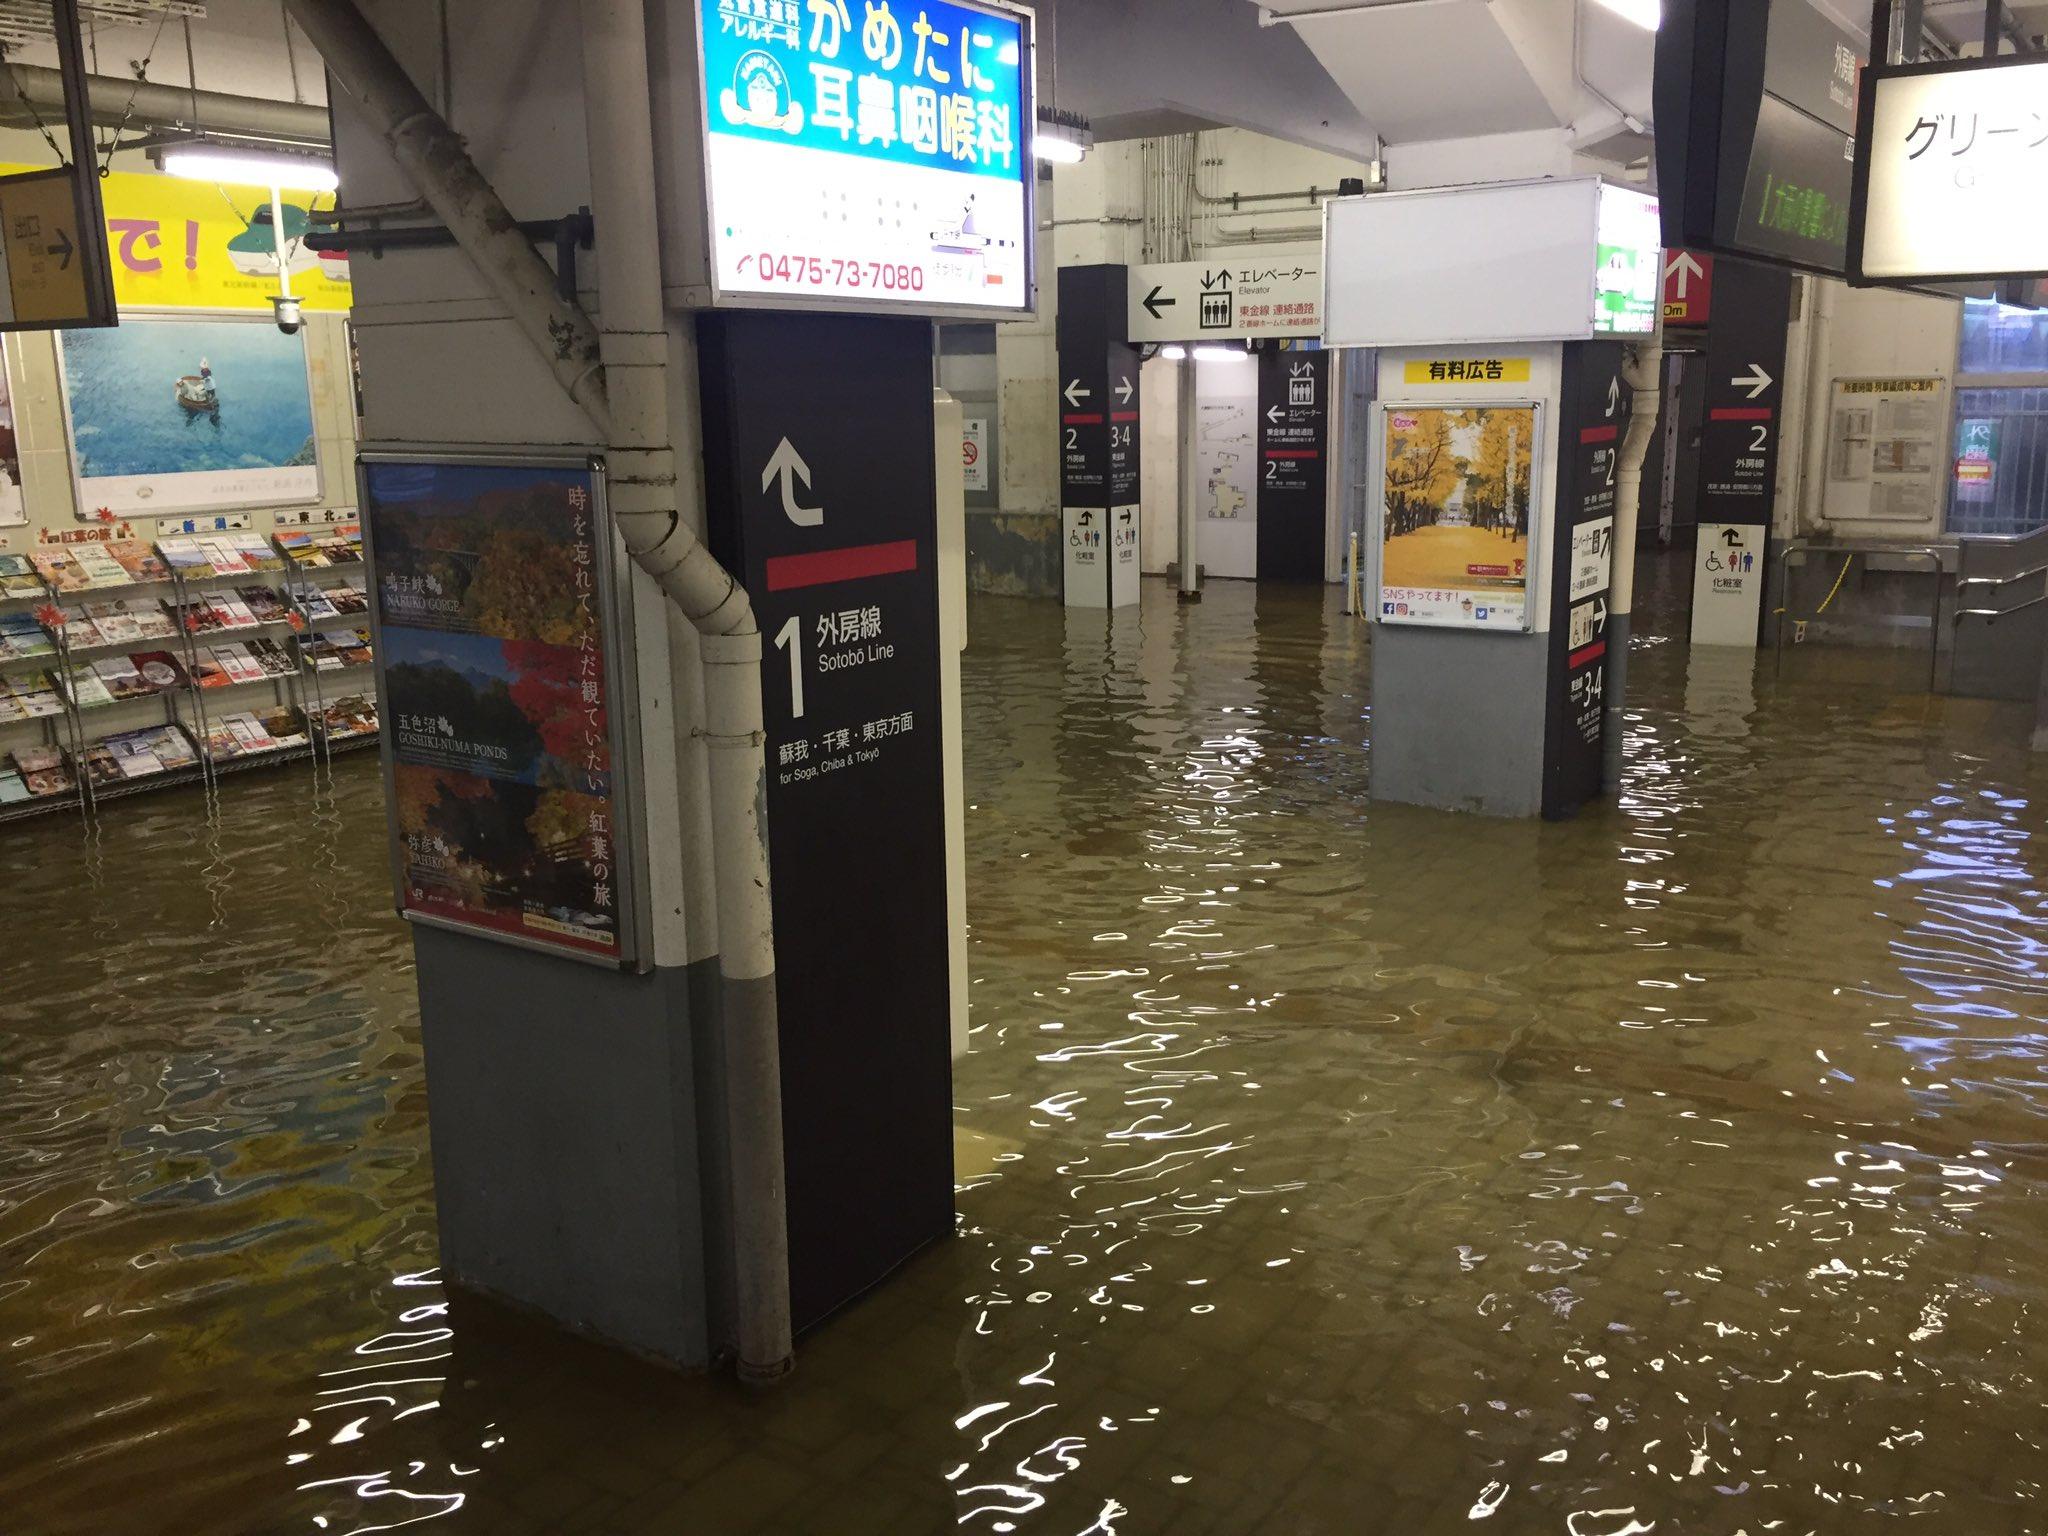 大網駅構内が大雨で浸水している現場の画像